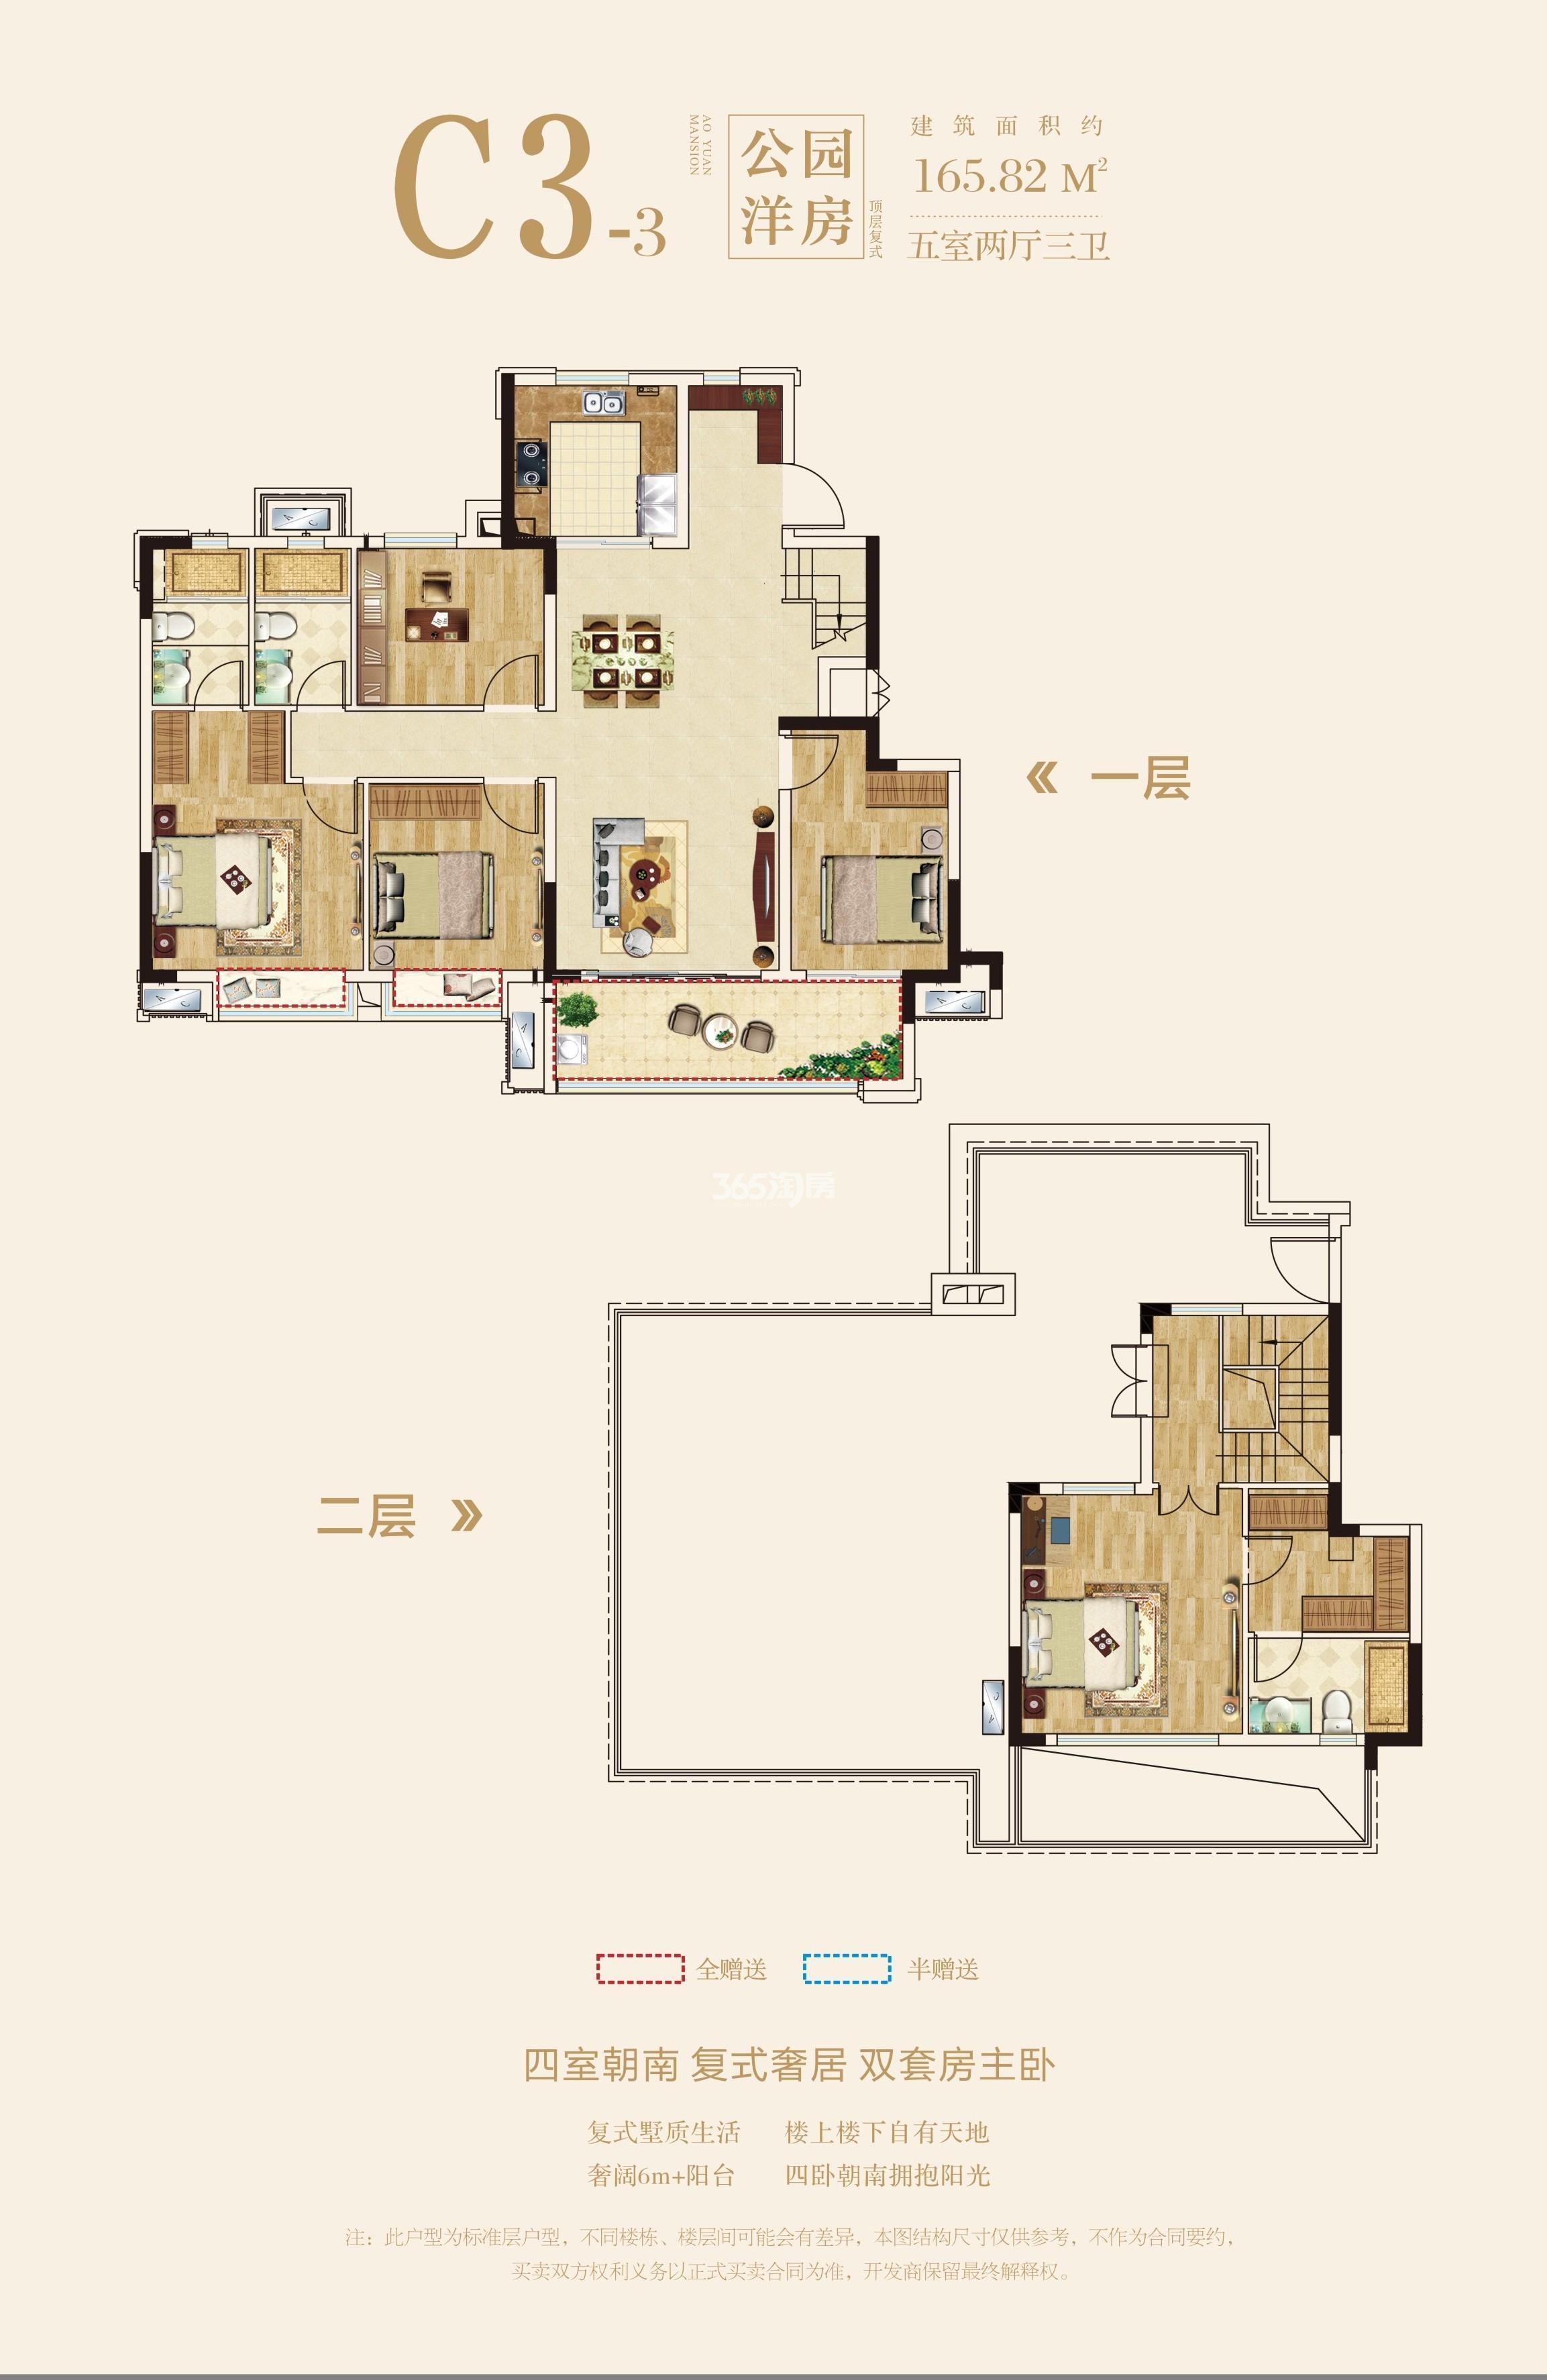 奥园誉府 洋房户型图C3-3 五室两厅三卫 165㎡